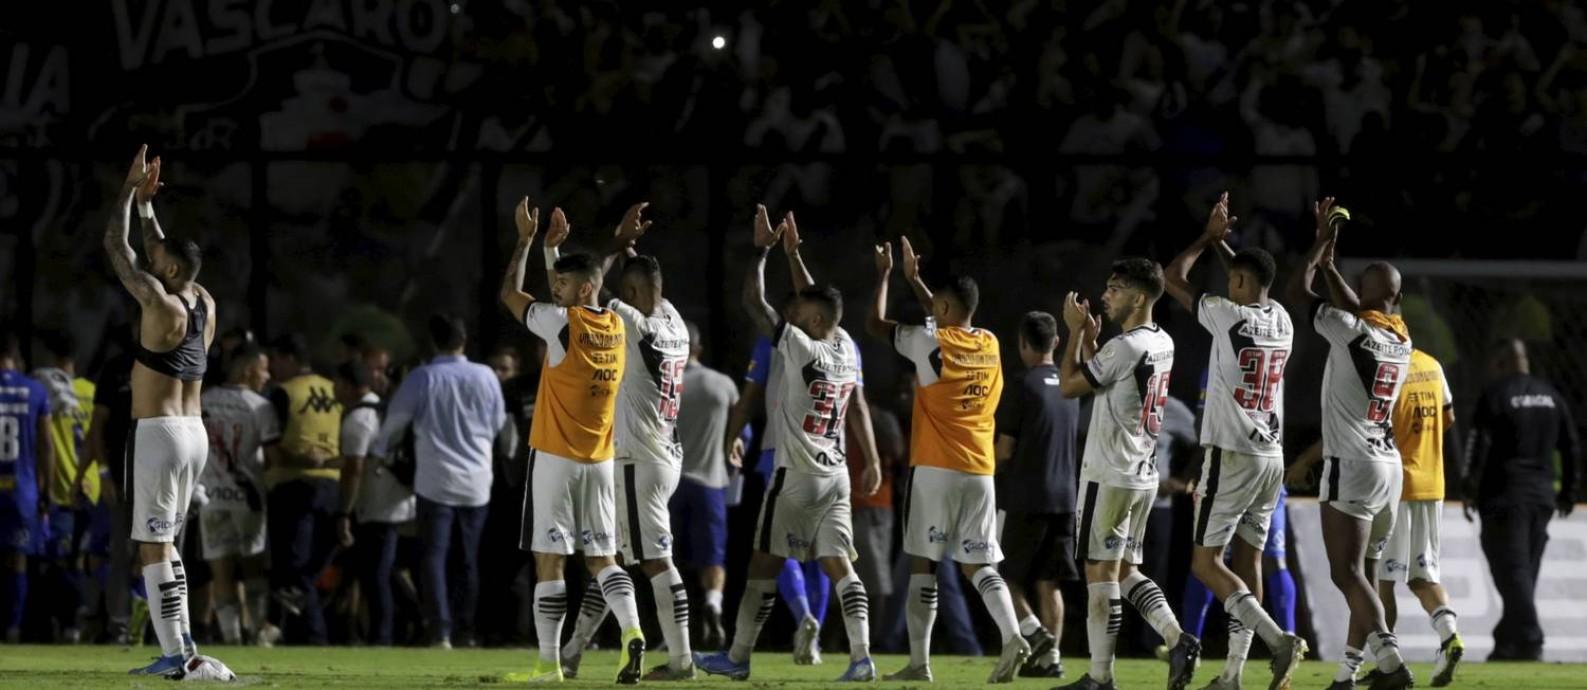 Jogadores do Vasco aplaudem a torcida depois do jogo contra o Cruzeiro Foto: MARCELO THEOBALD / Agência O Globo